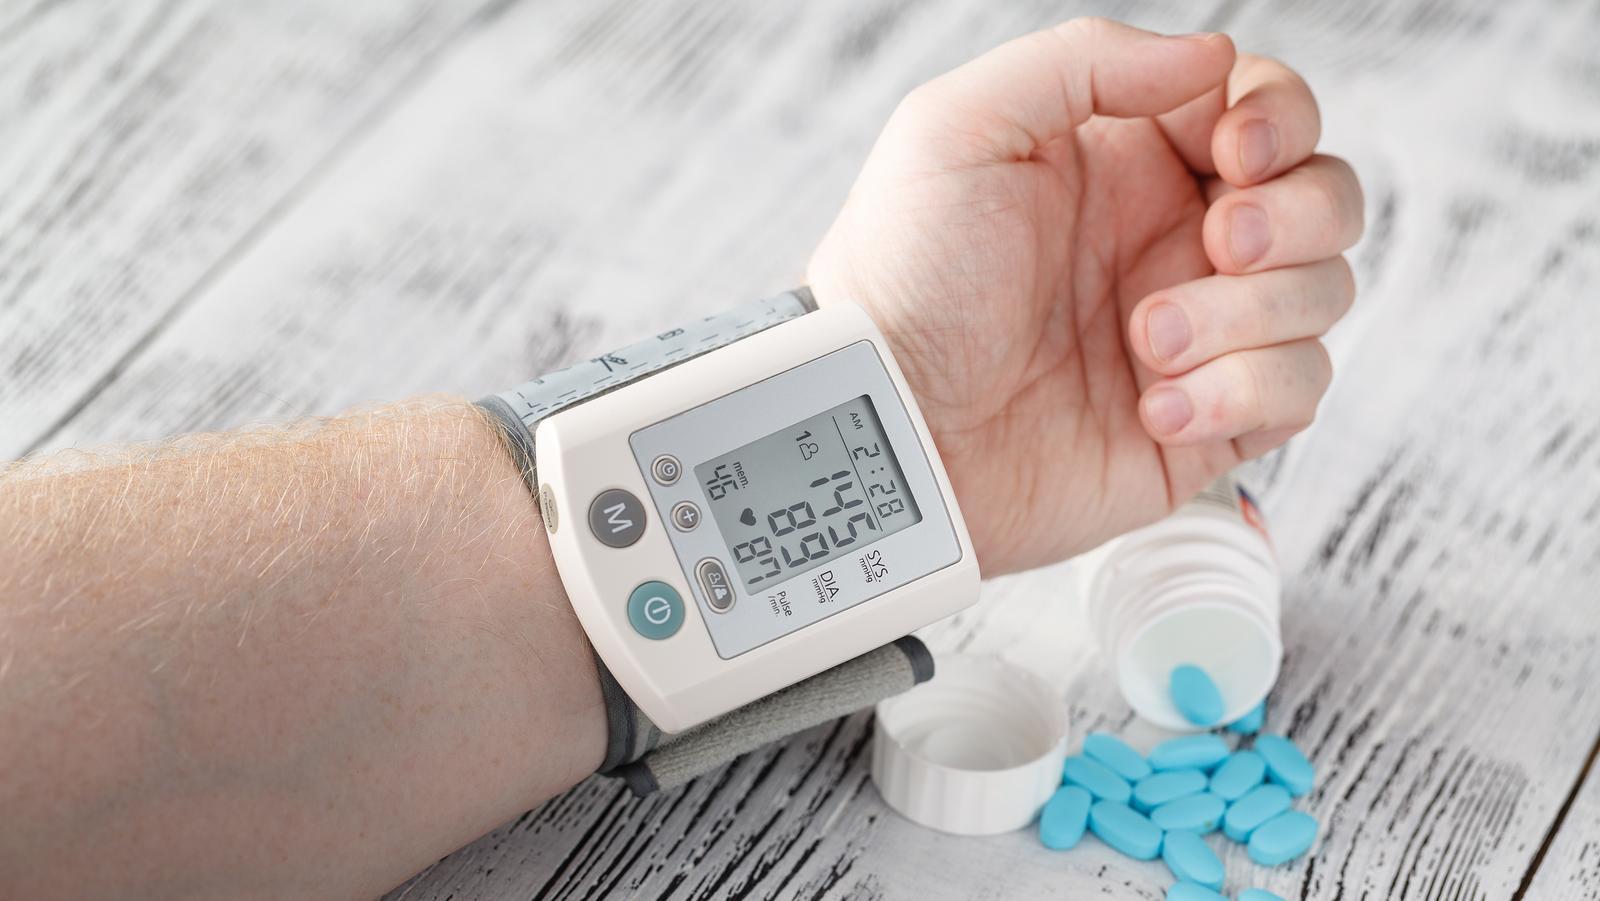 magas vérnyomás a femostonból egy magas vérnyomás és szívritmuszavar elleni gyógyszer